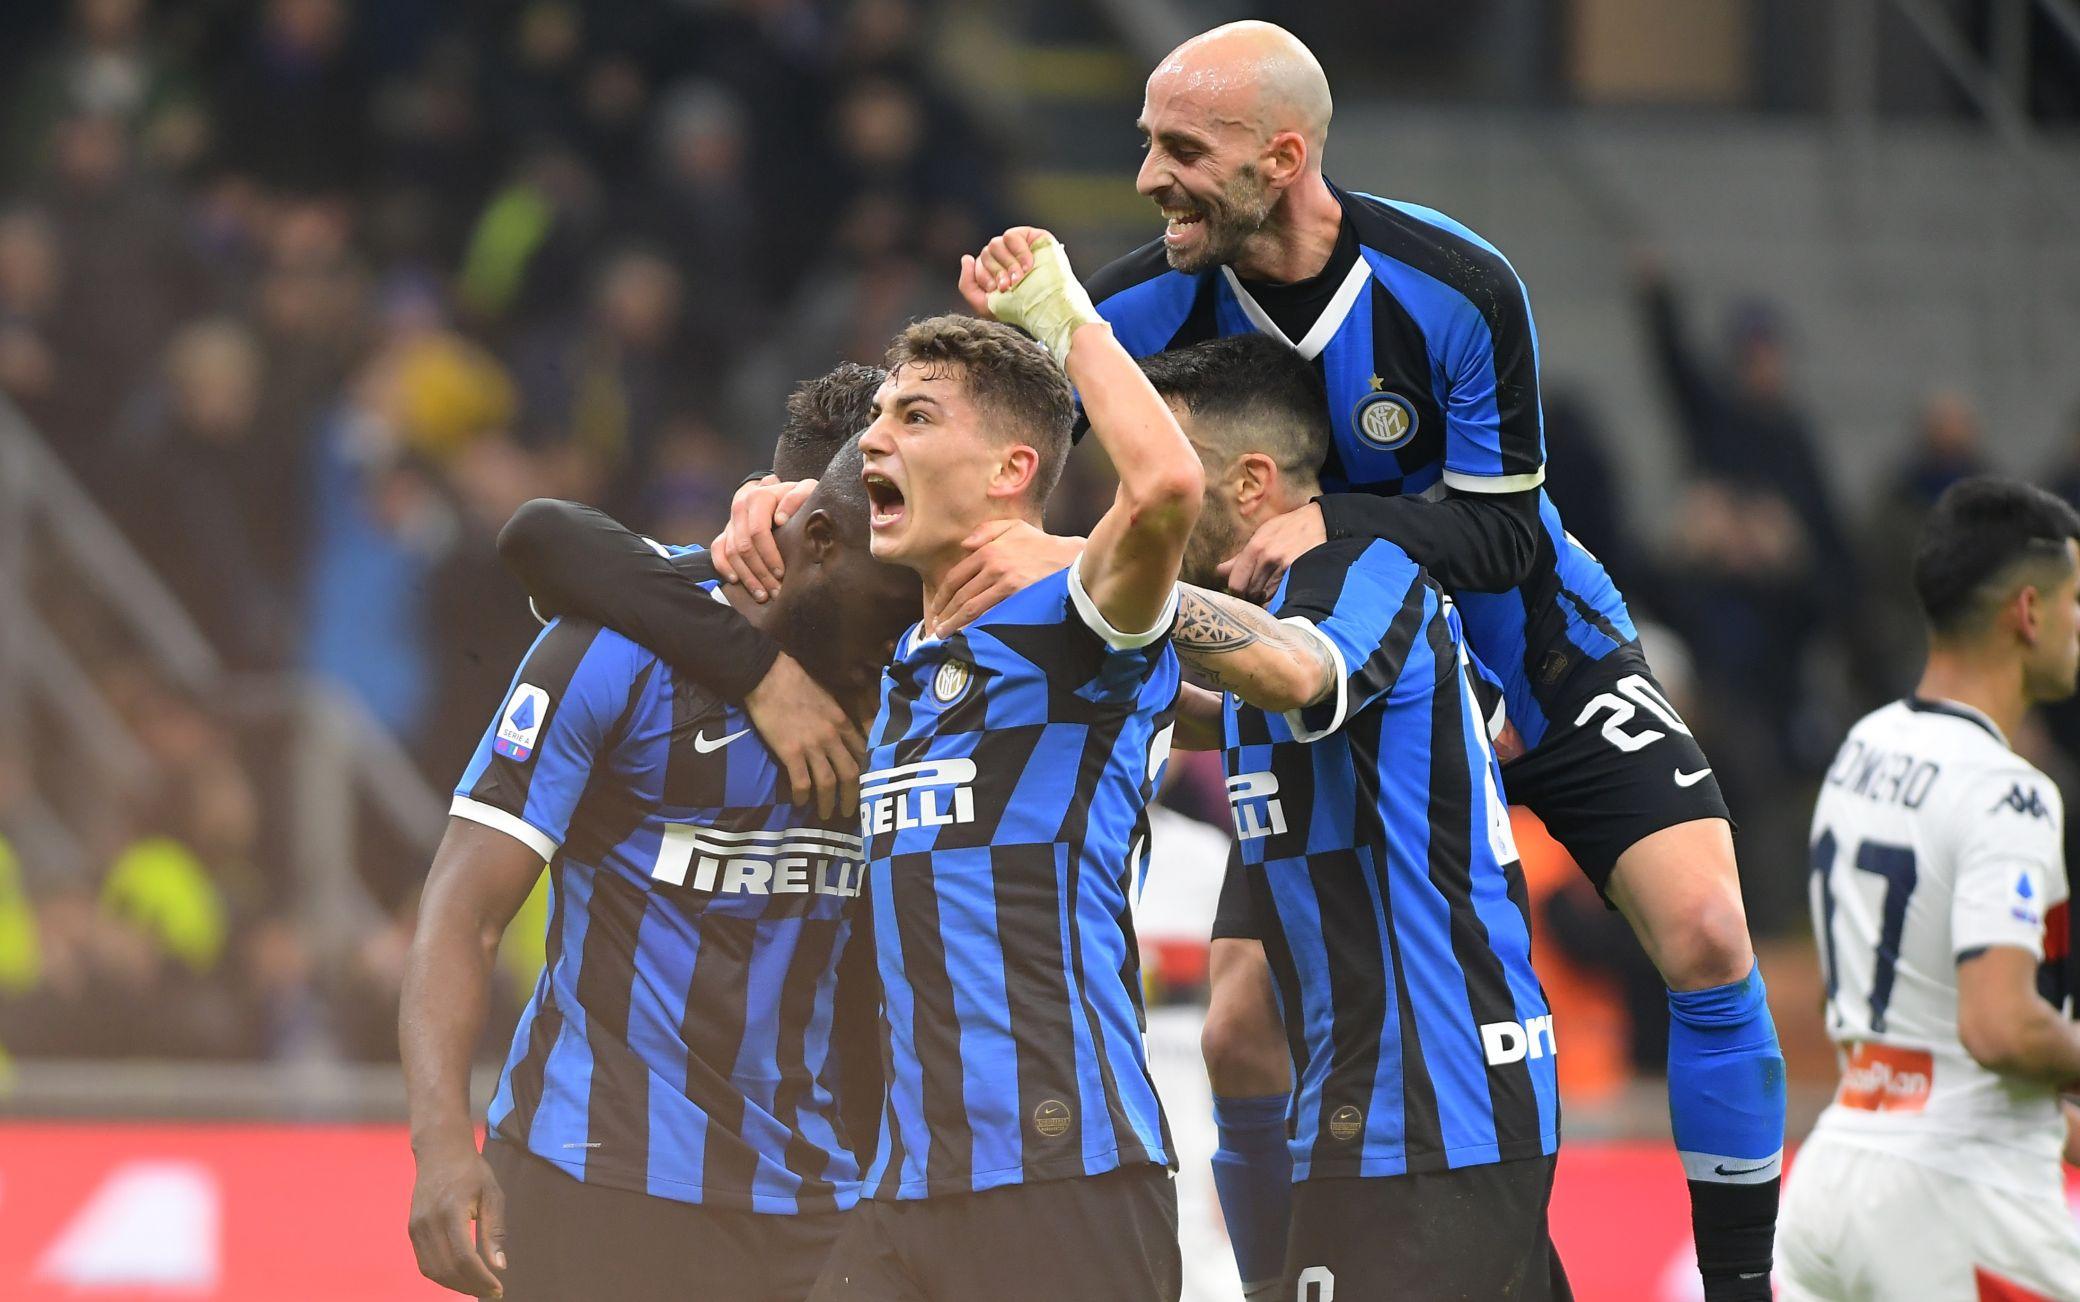 Inter campione d'Italia, è il 19esimo scudetto